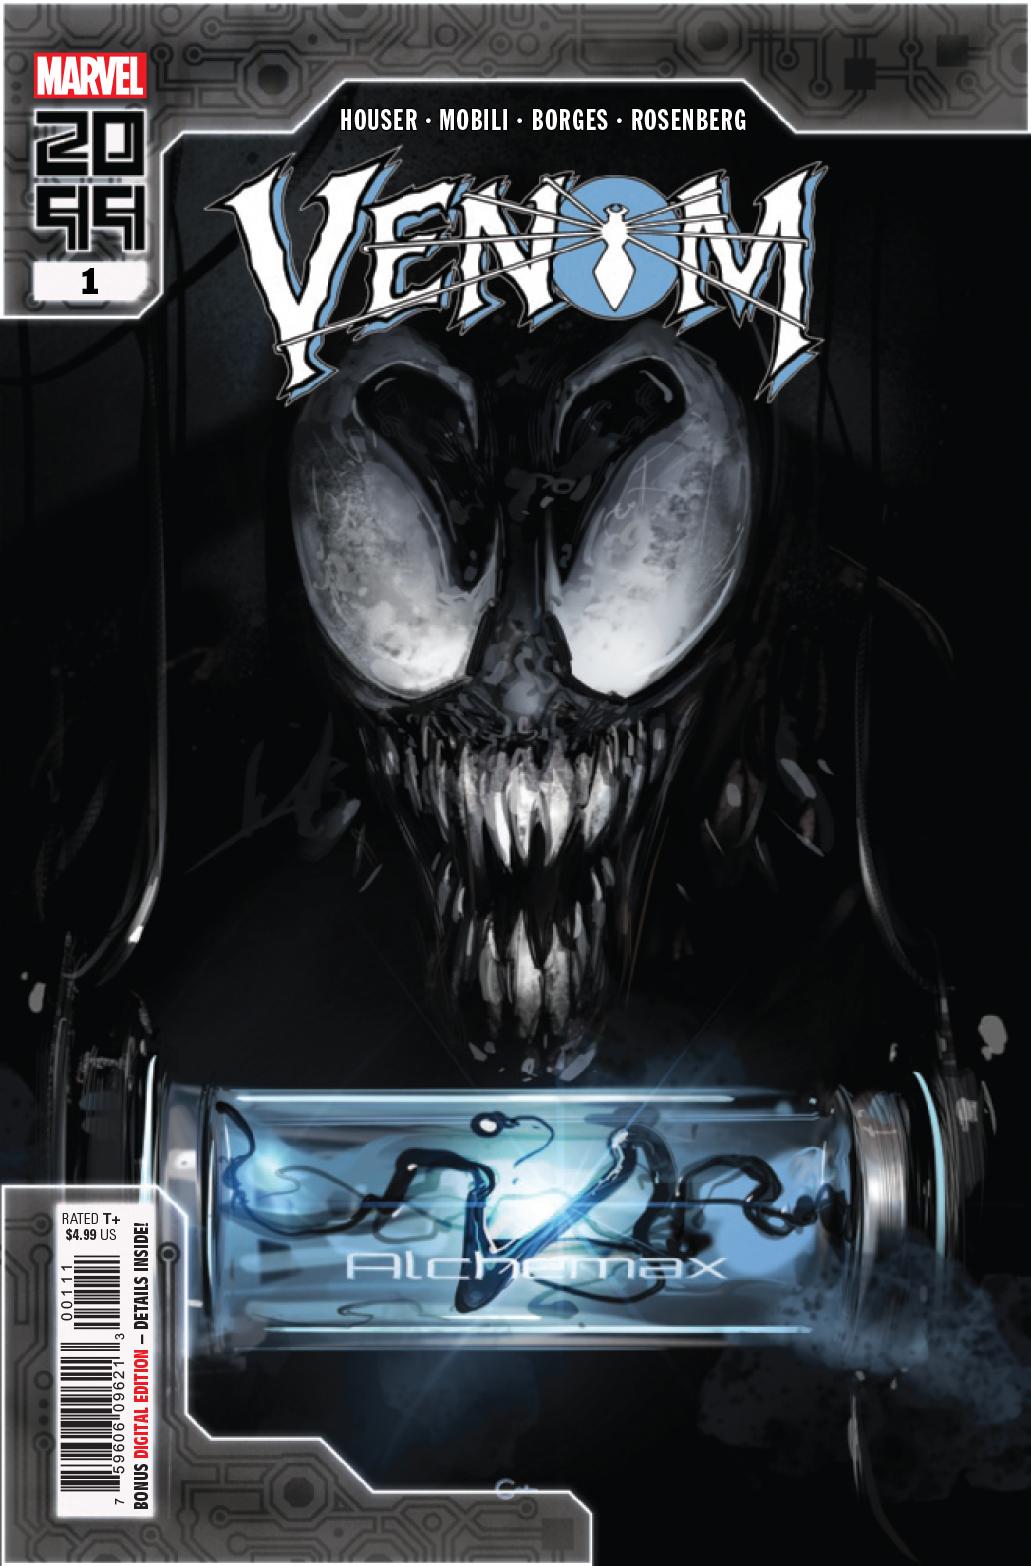 Venom (2099) - #1 (Cover A) by Jody Houser image